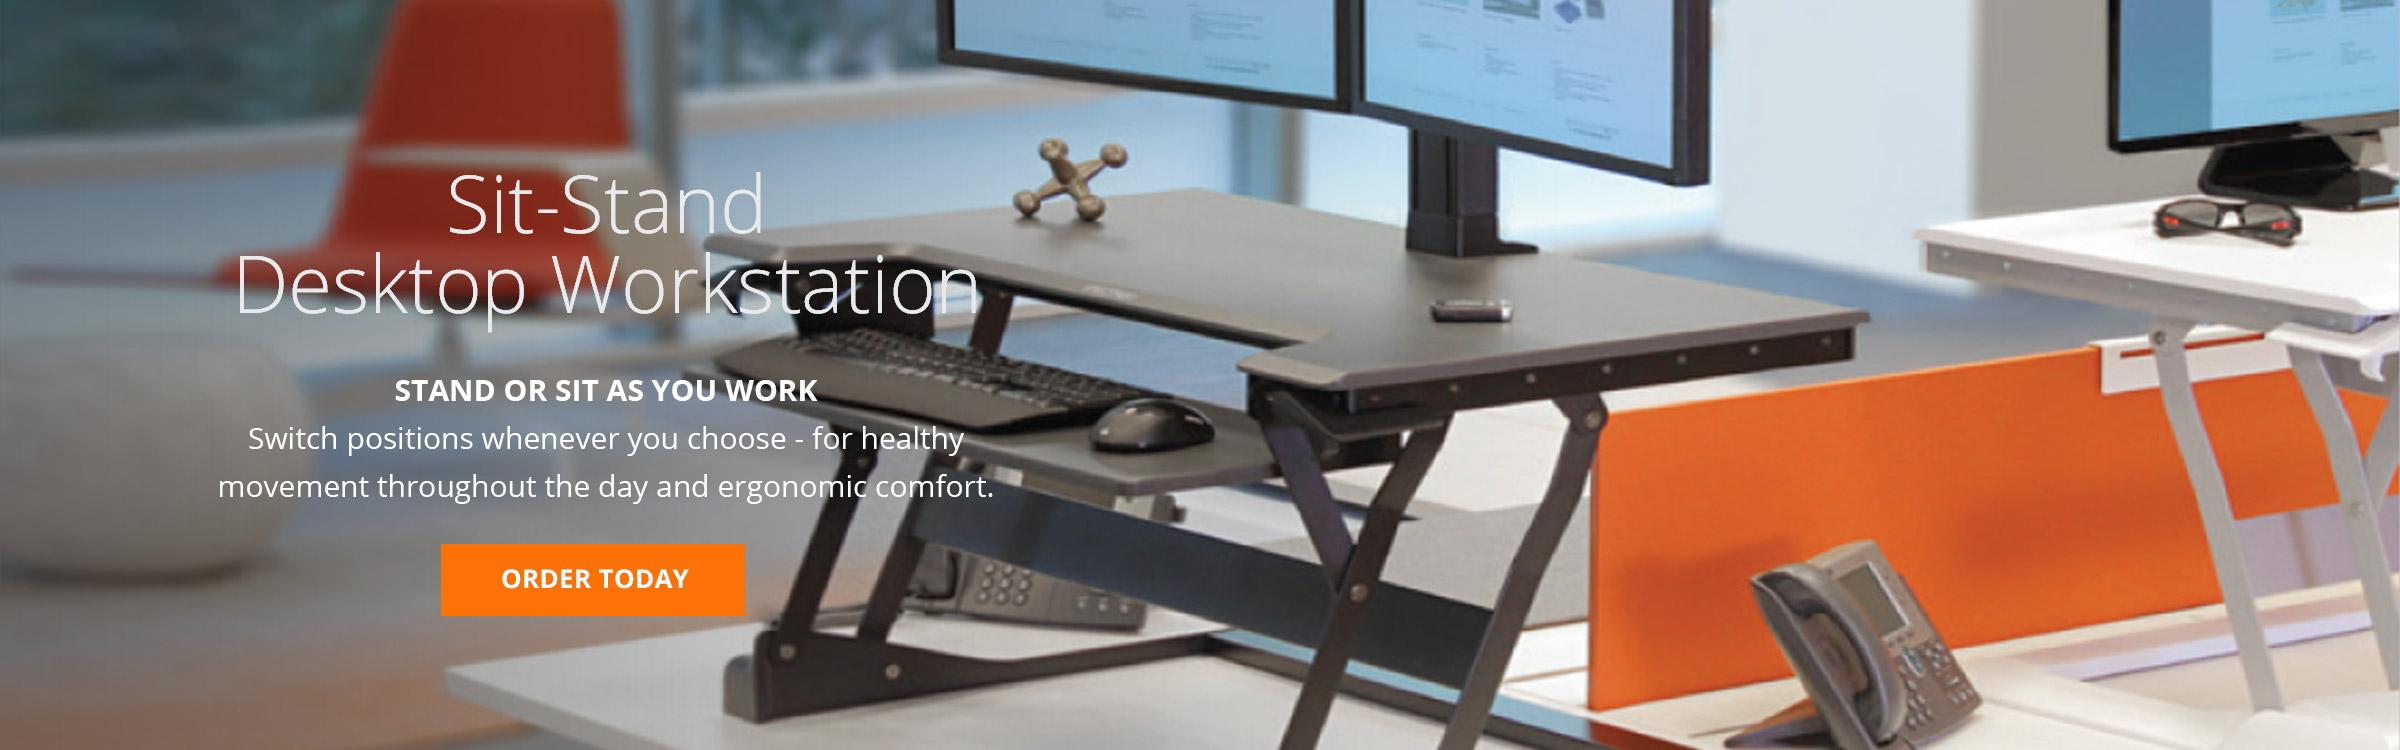 Sit-Stand Desktop Workstations